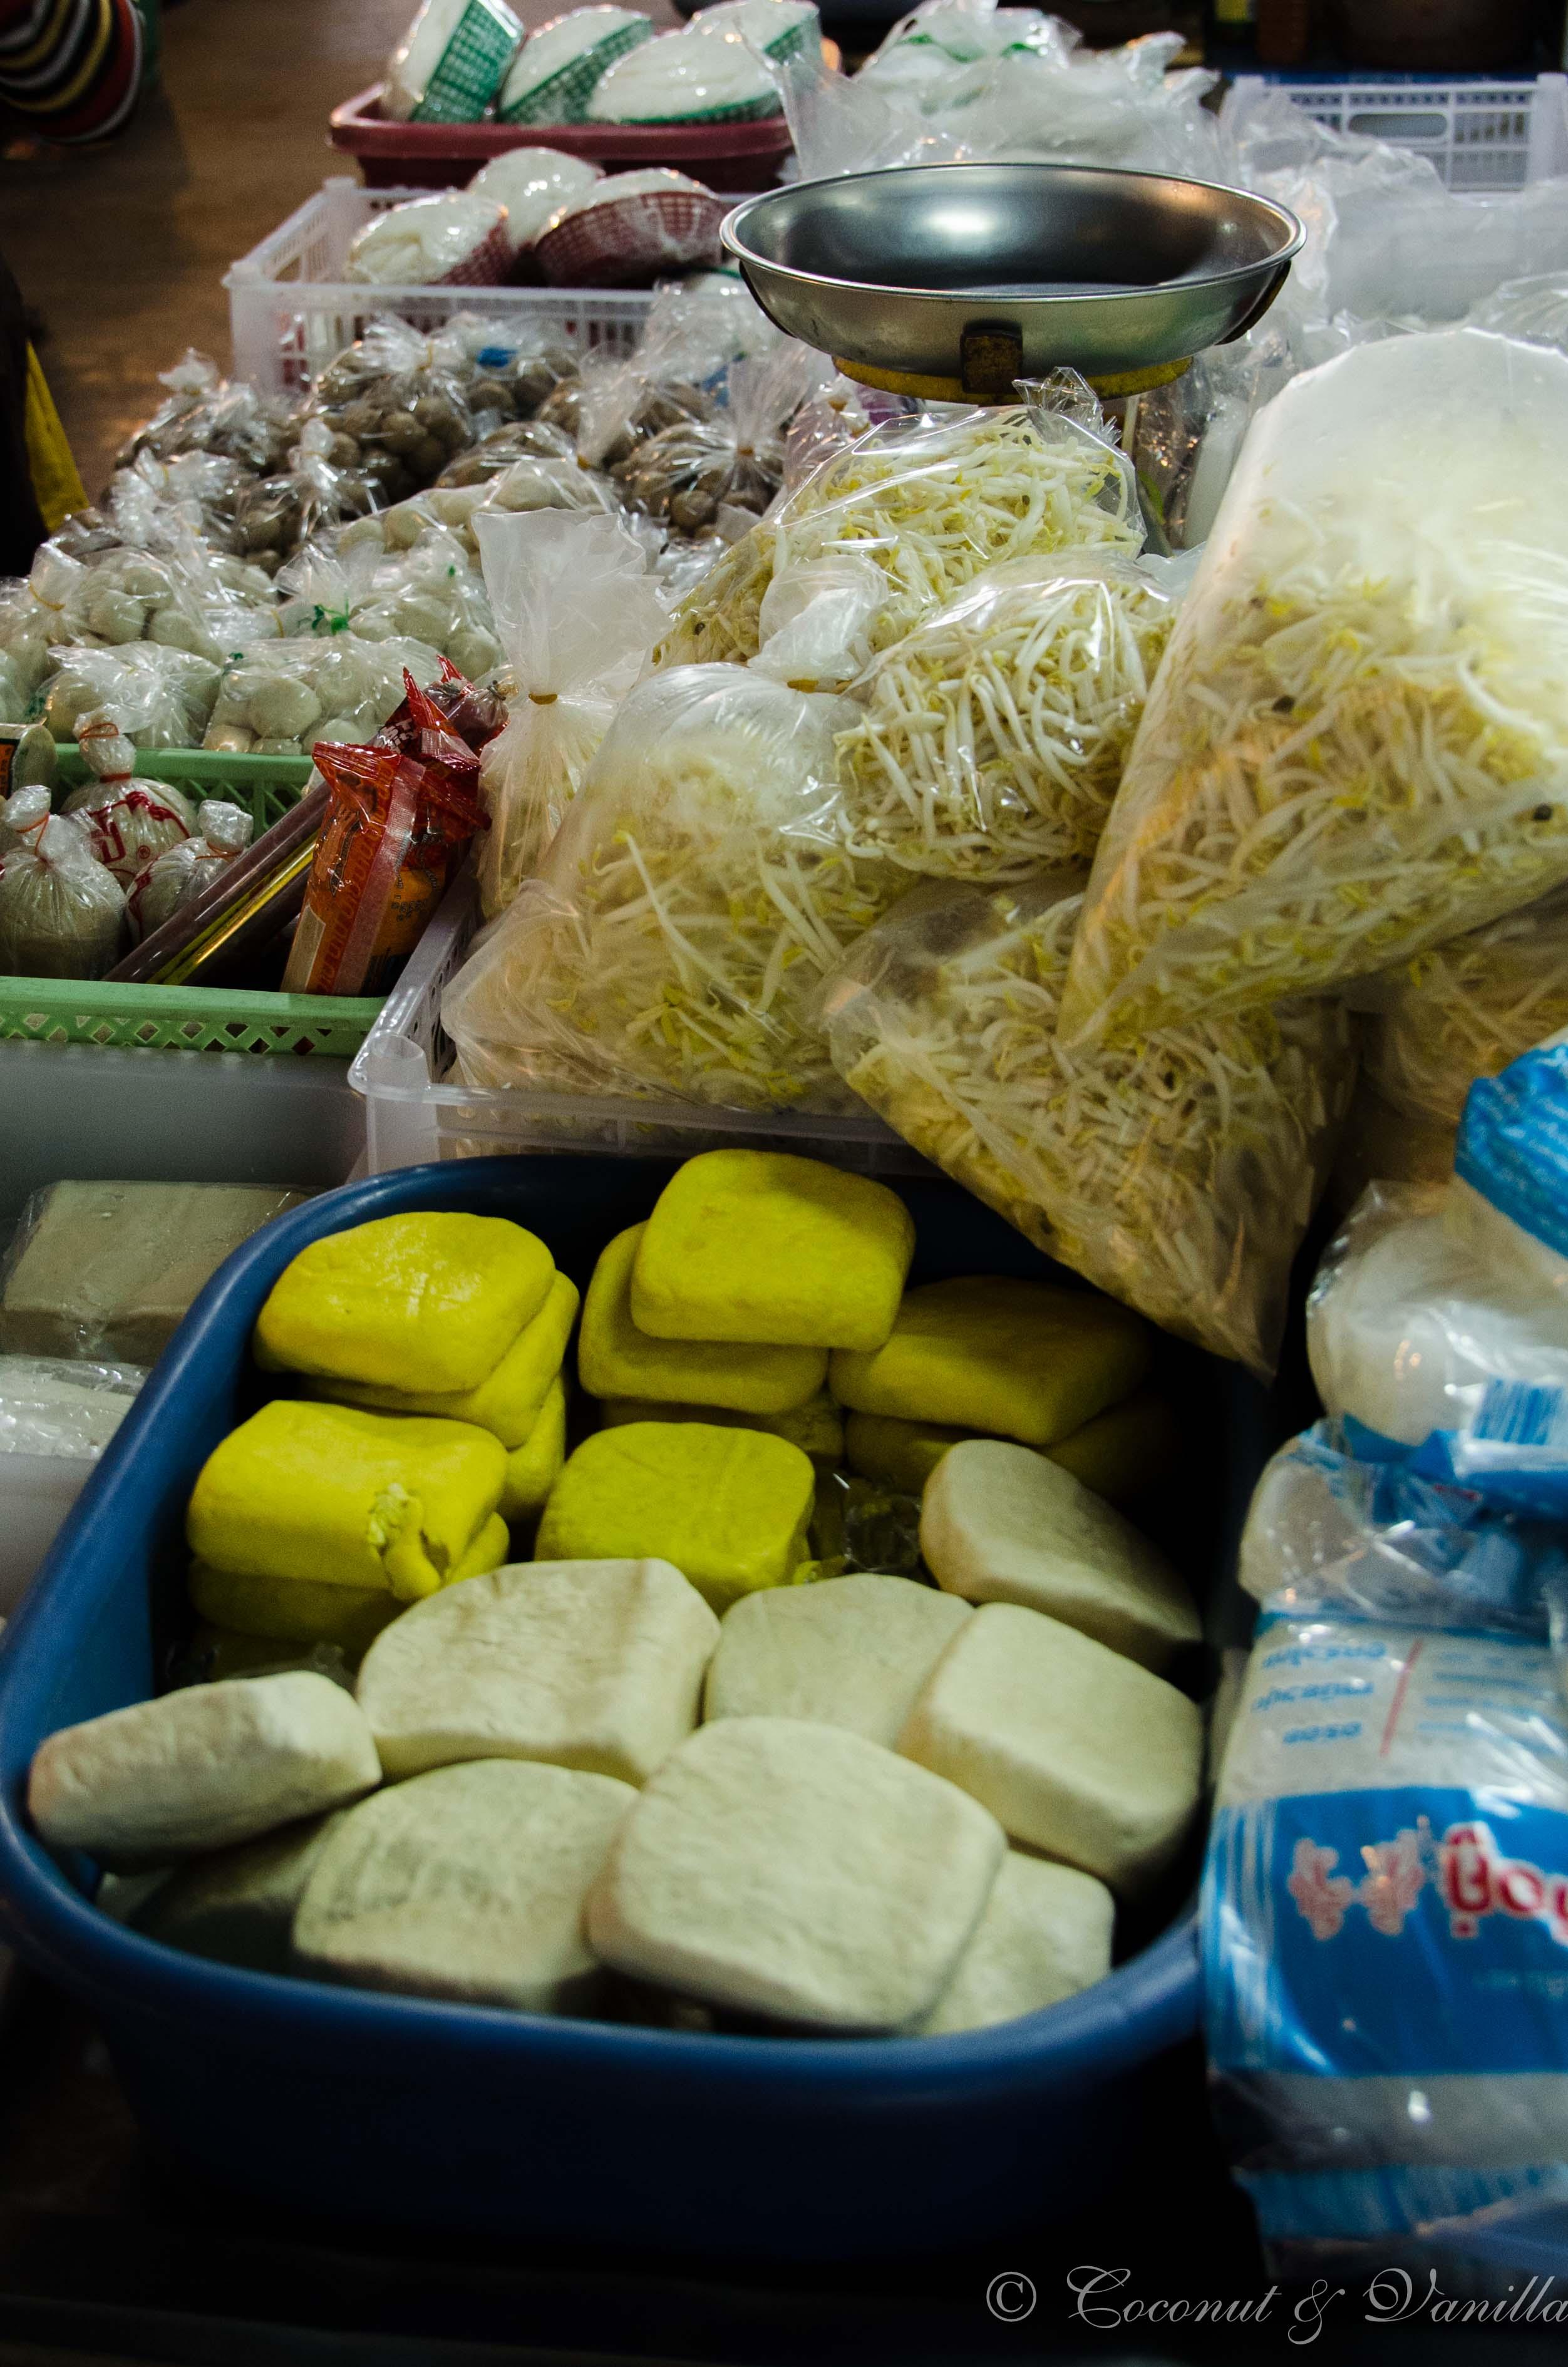 Markt in Chiang Mai Thailand: frischer Tofu by Coconut & Vanilla